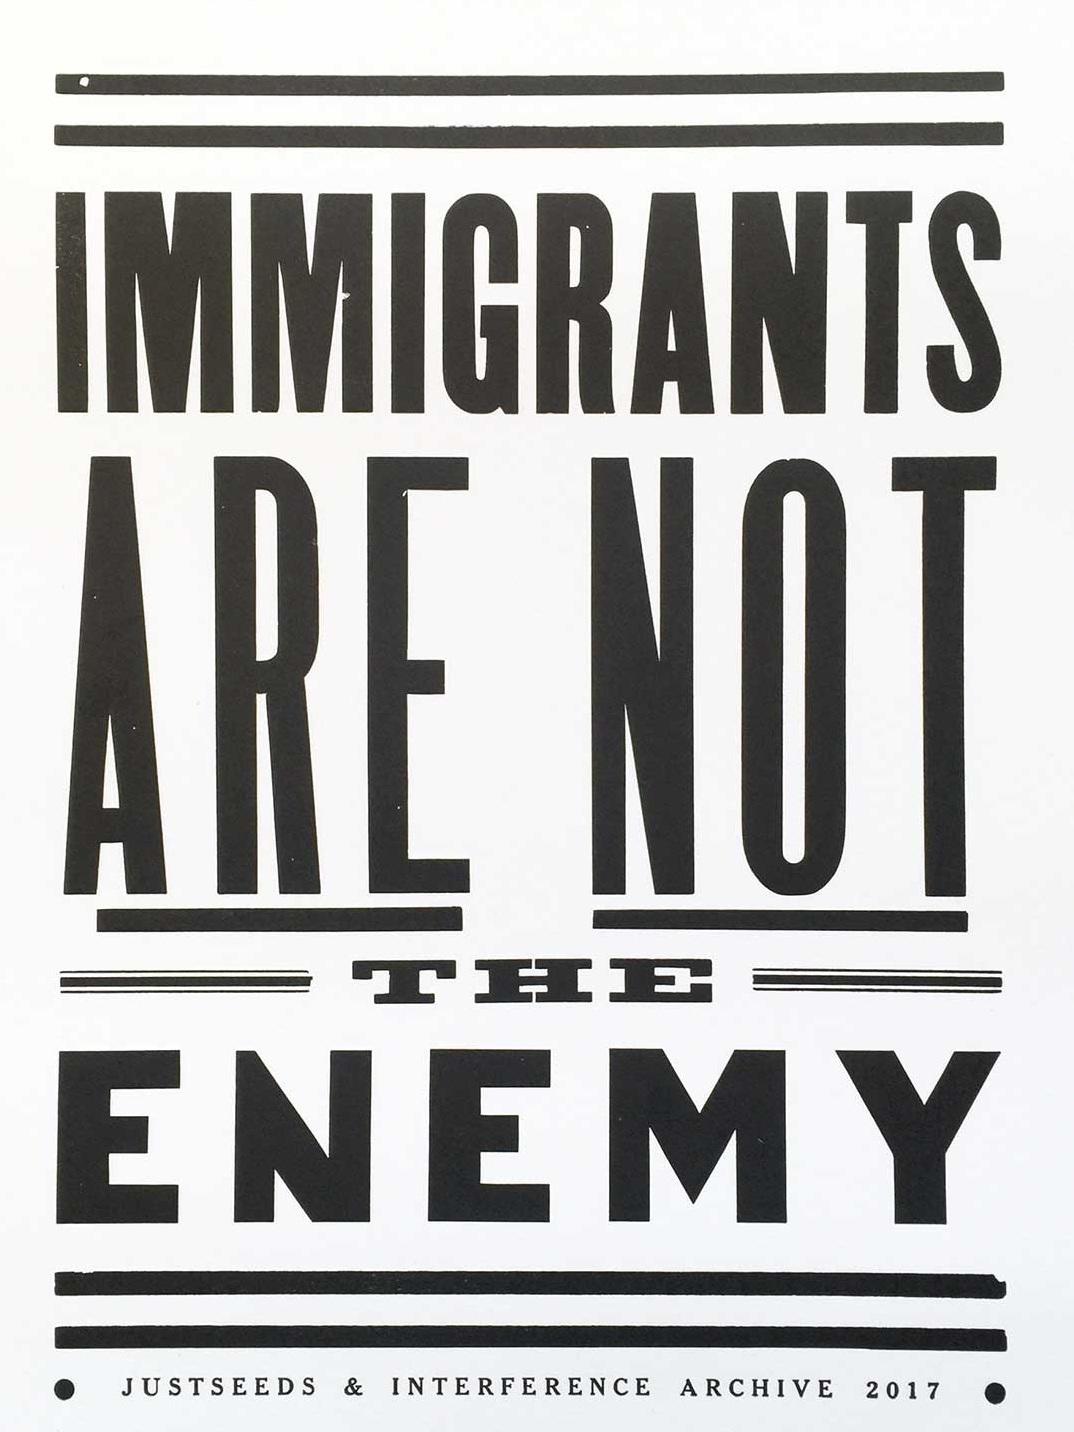 Immigrants_Enemy_1500.jpg